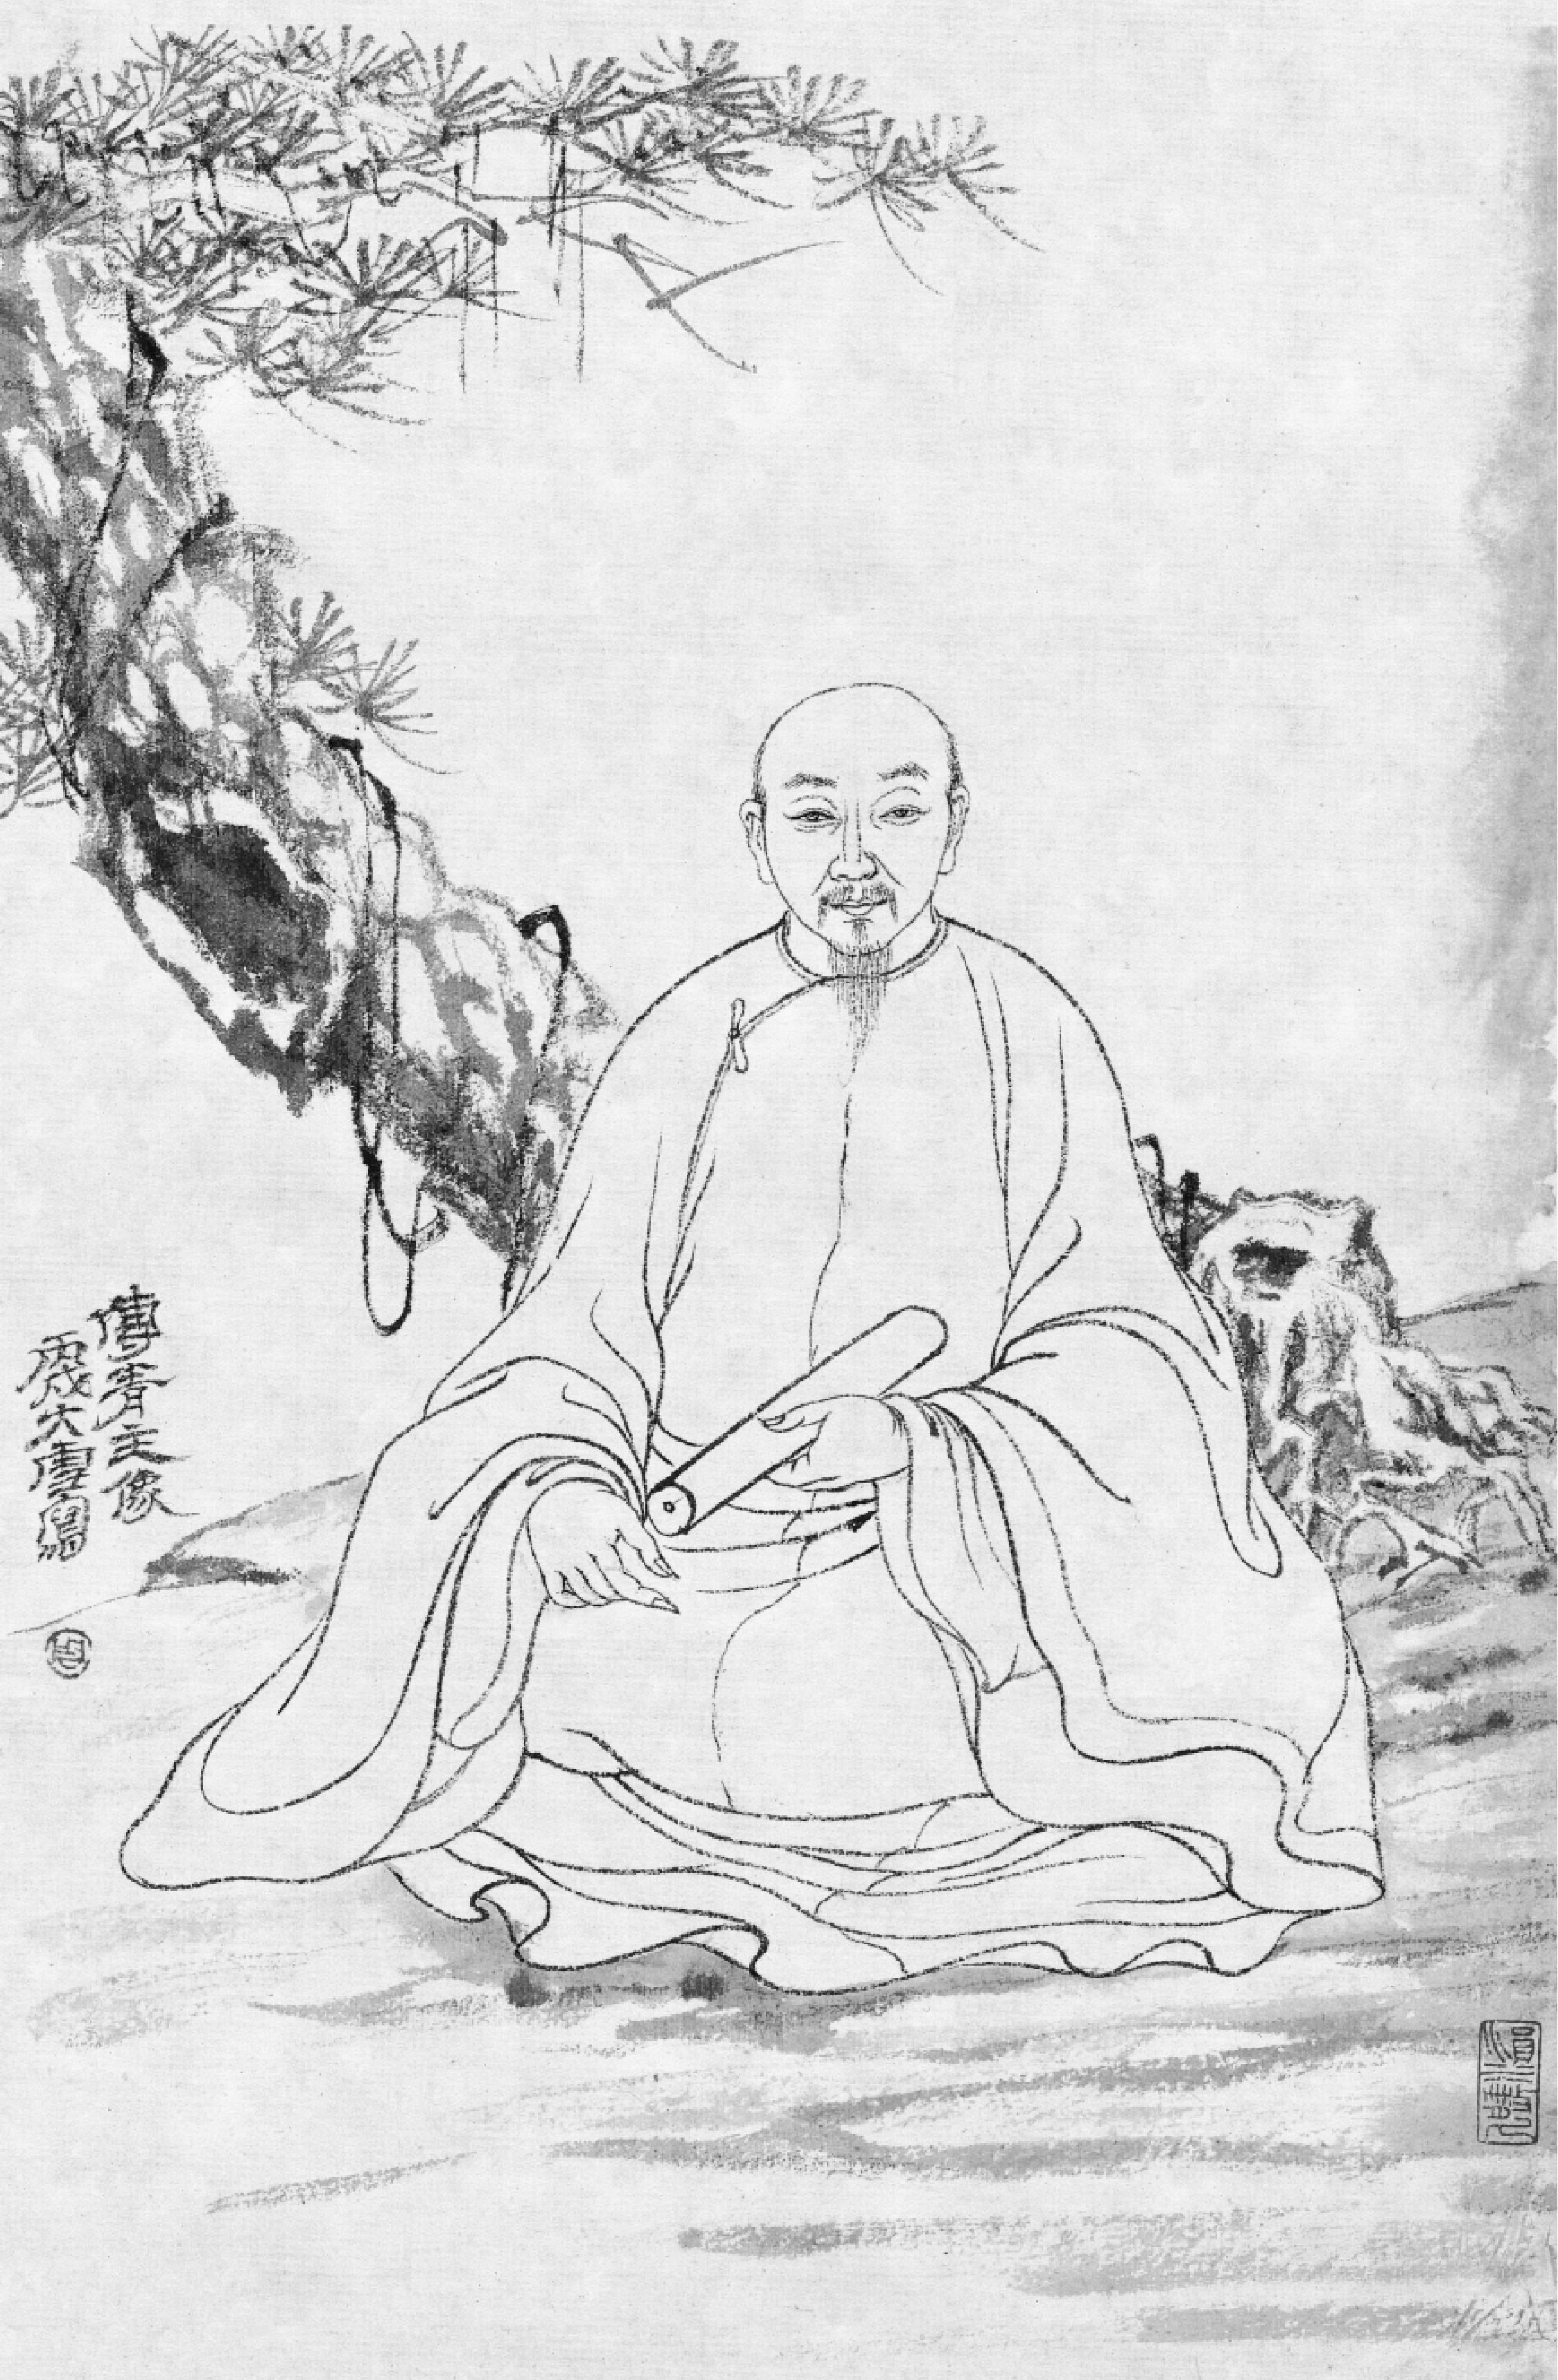 傅山-历史人物-图片